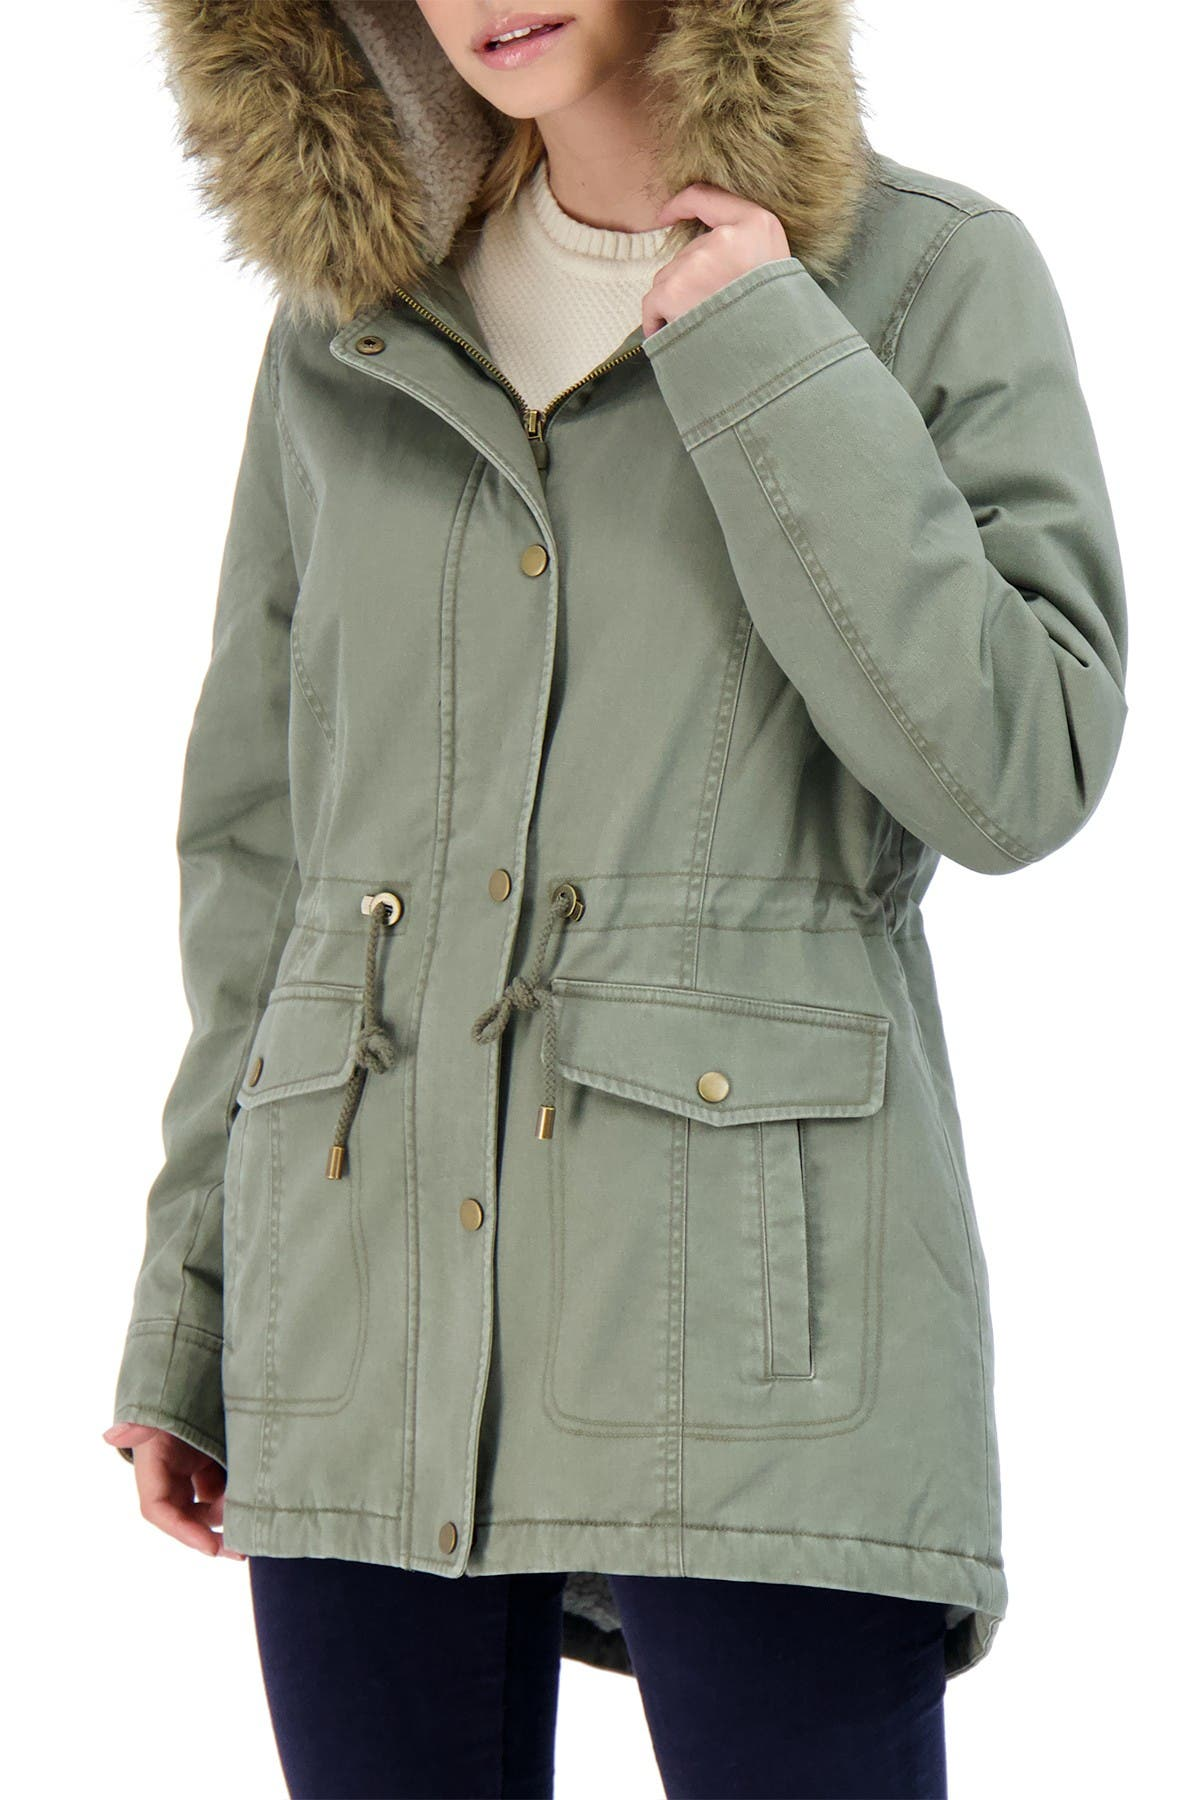 Sebby Cotton Faux Fur Lined Parka